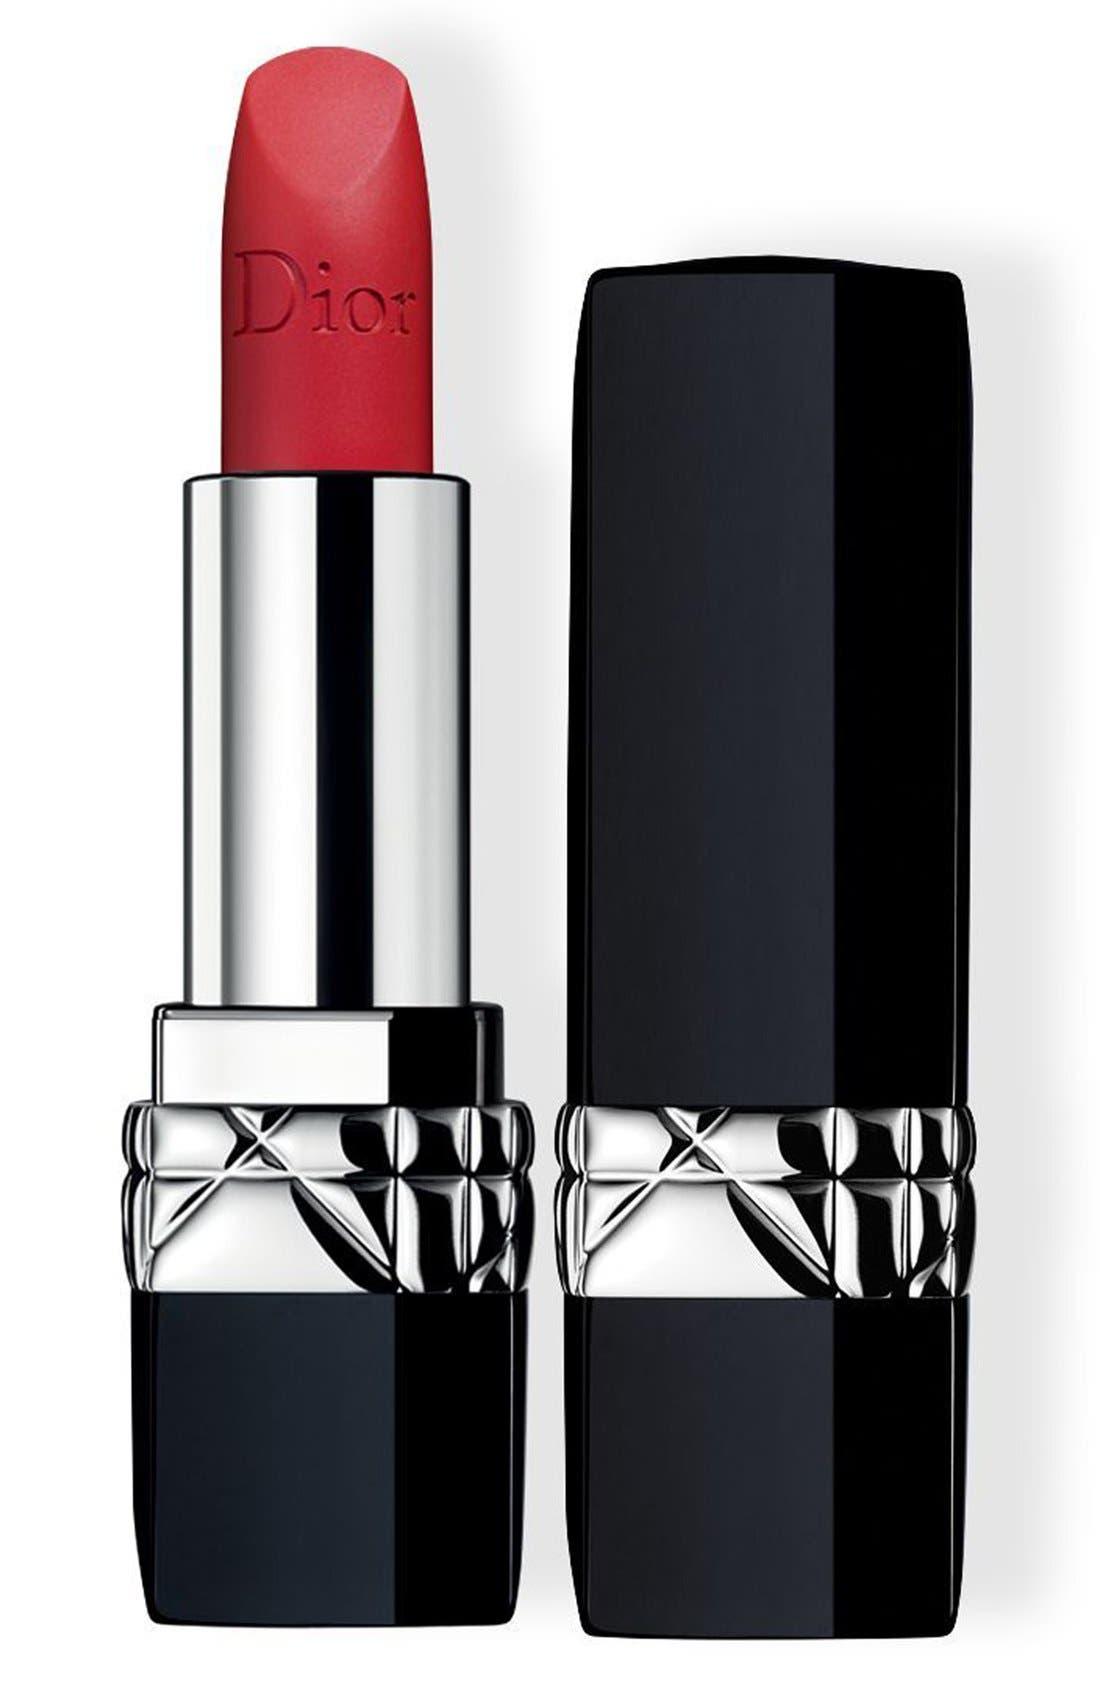 Dior Couture Color Rouge Dior Lipstick - 999 Matte